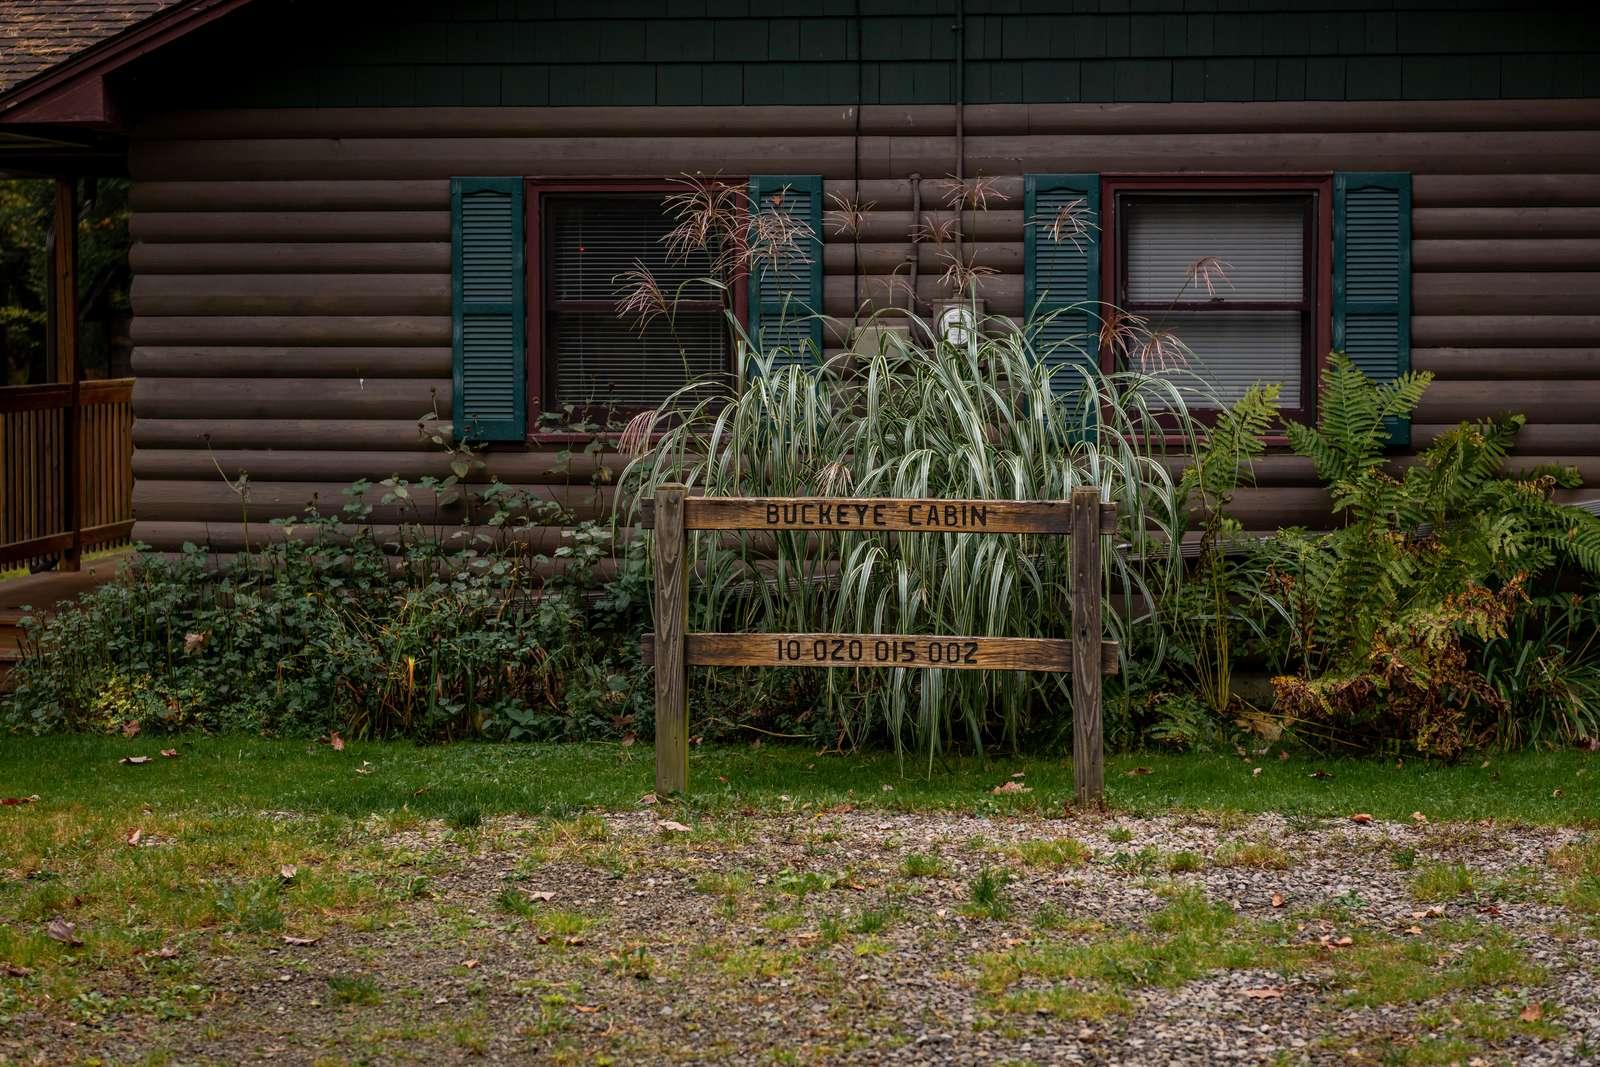 Buckeye Cabin Sign - property